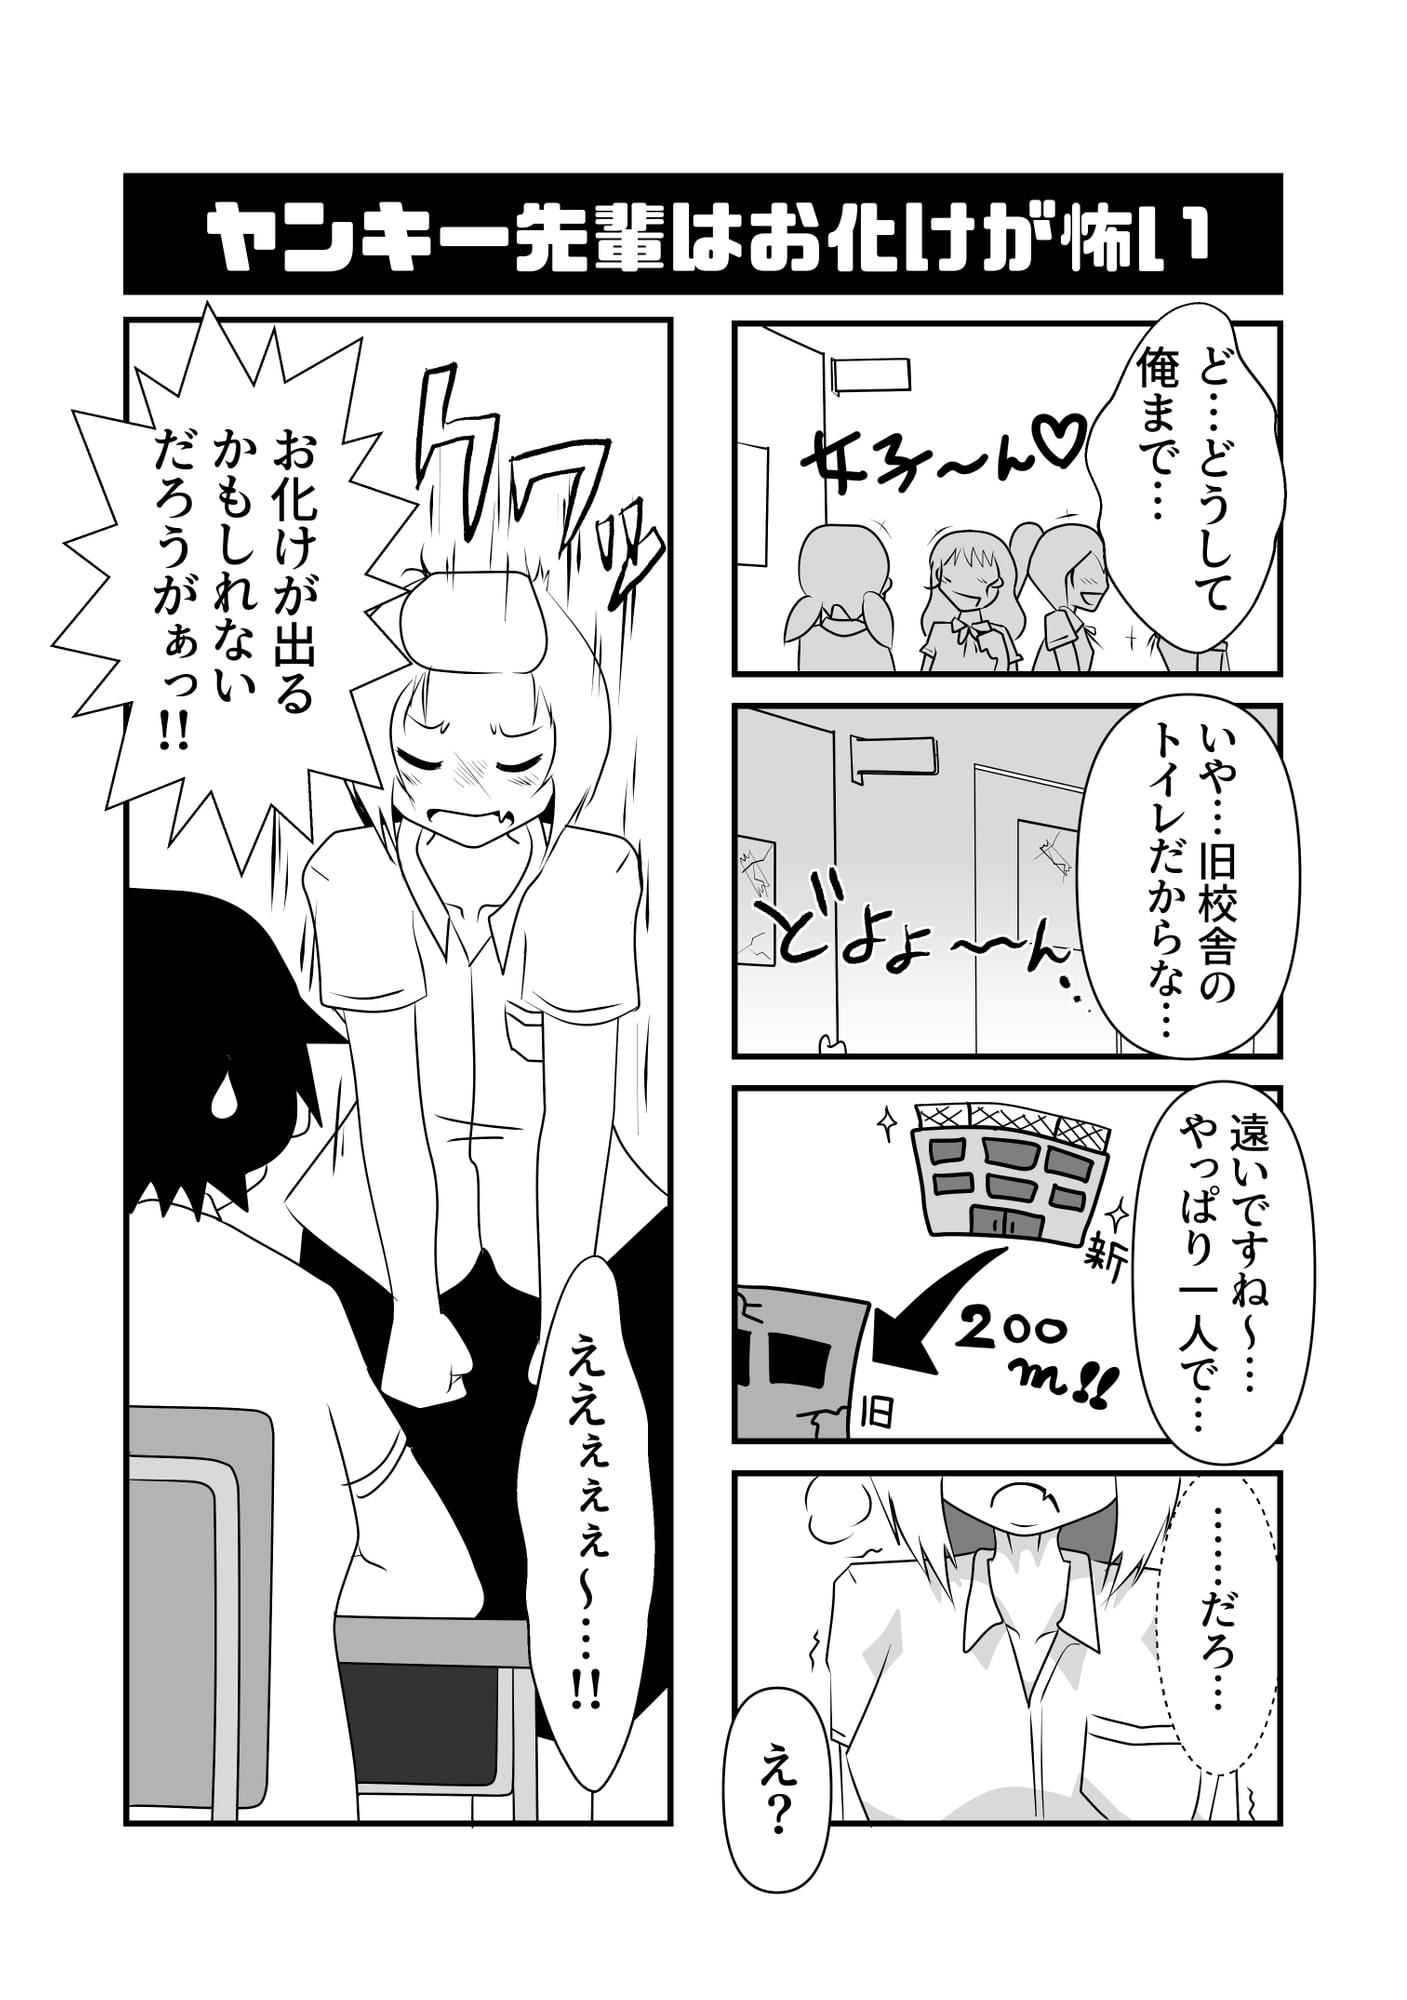 ヤンキー先輩はウンコしたい!! 漫画版のサンプル画像